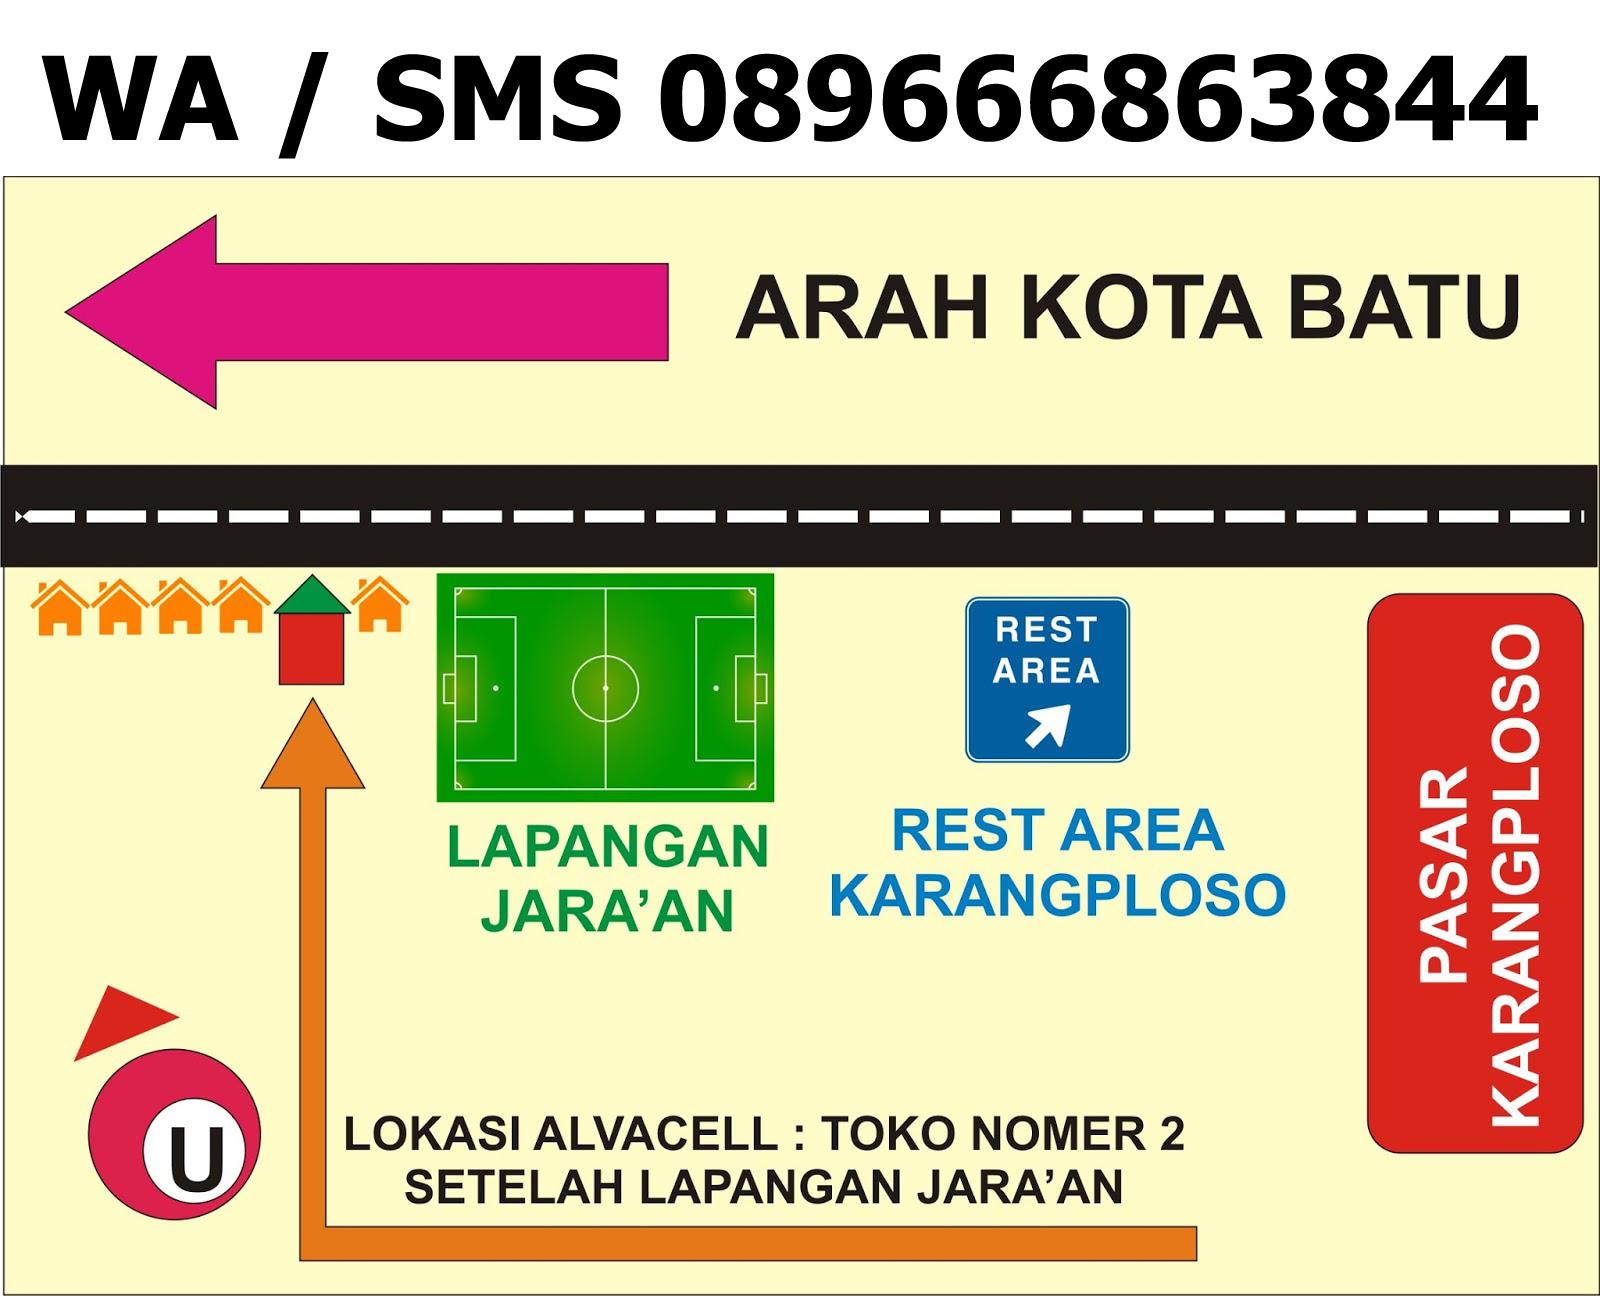 Service Hp Malang - Alvacell Malang